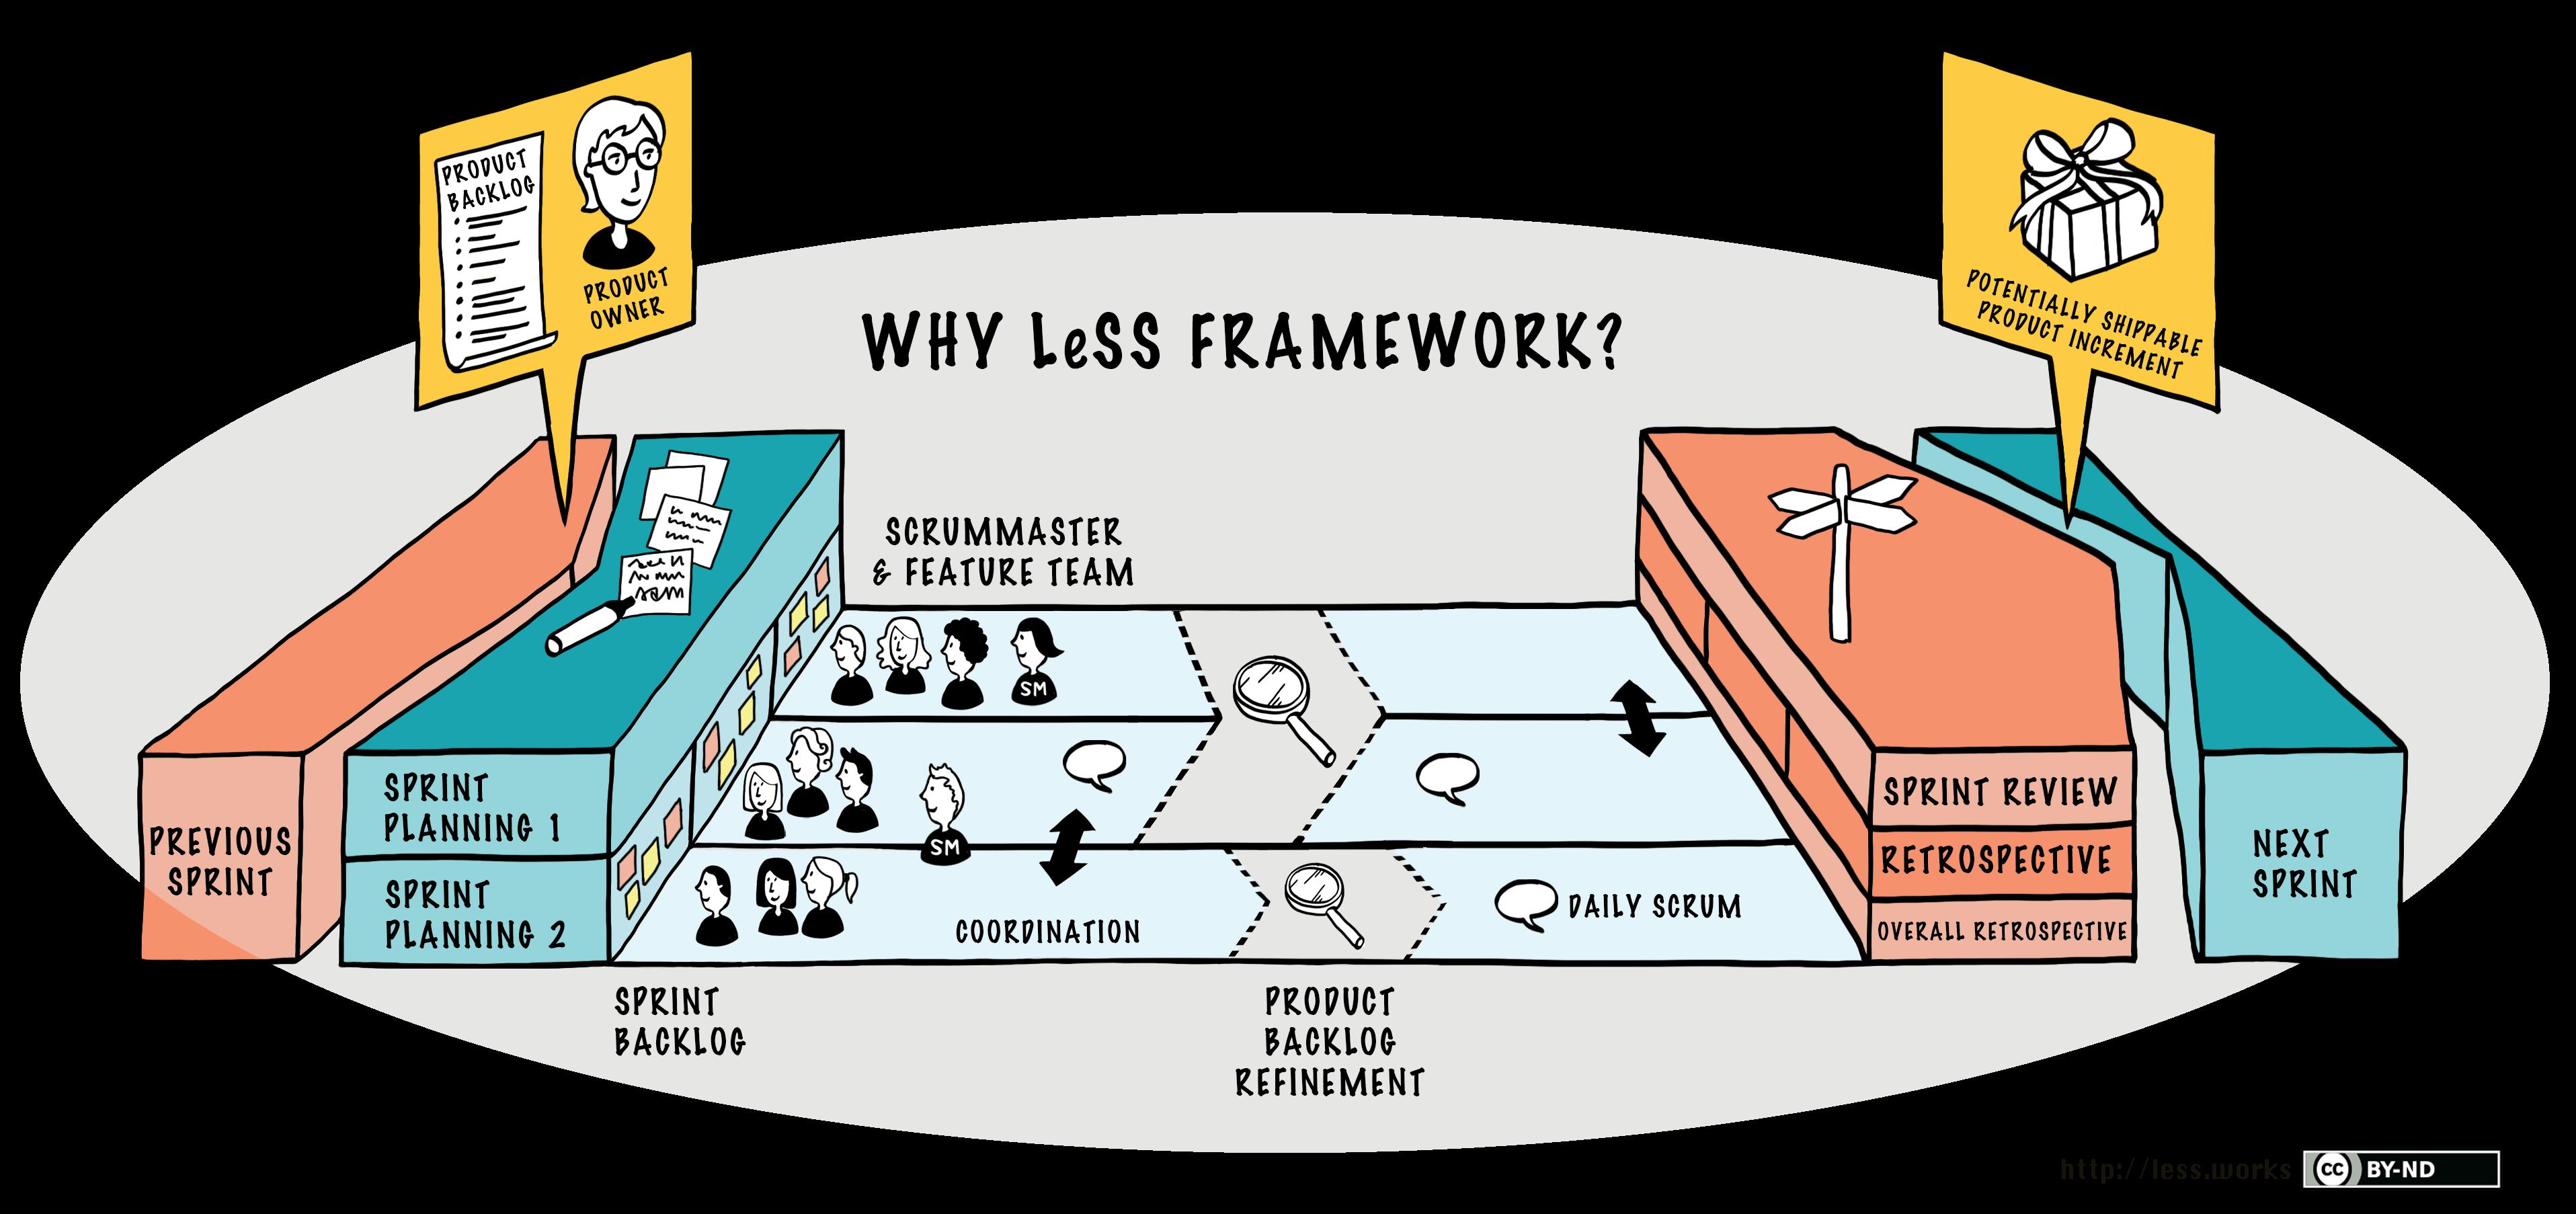 LeSS フレームワークが必要であることを説明した画像